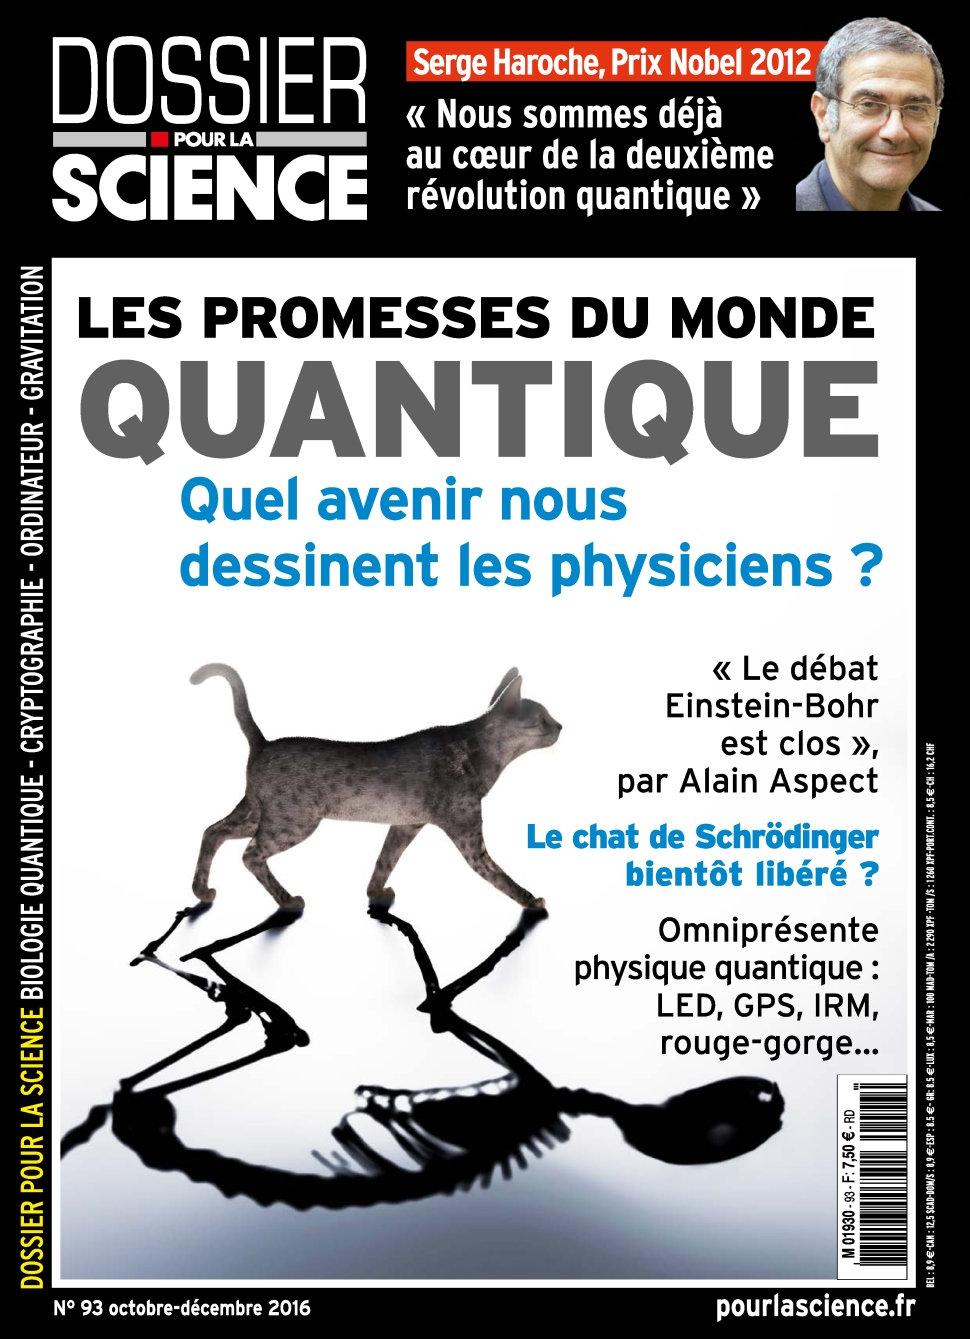 Dossier Pour la Science 93 - Octobre/Decembre 2016